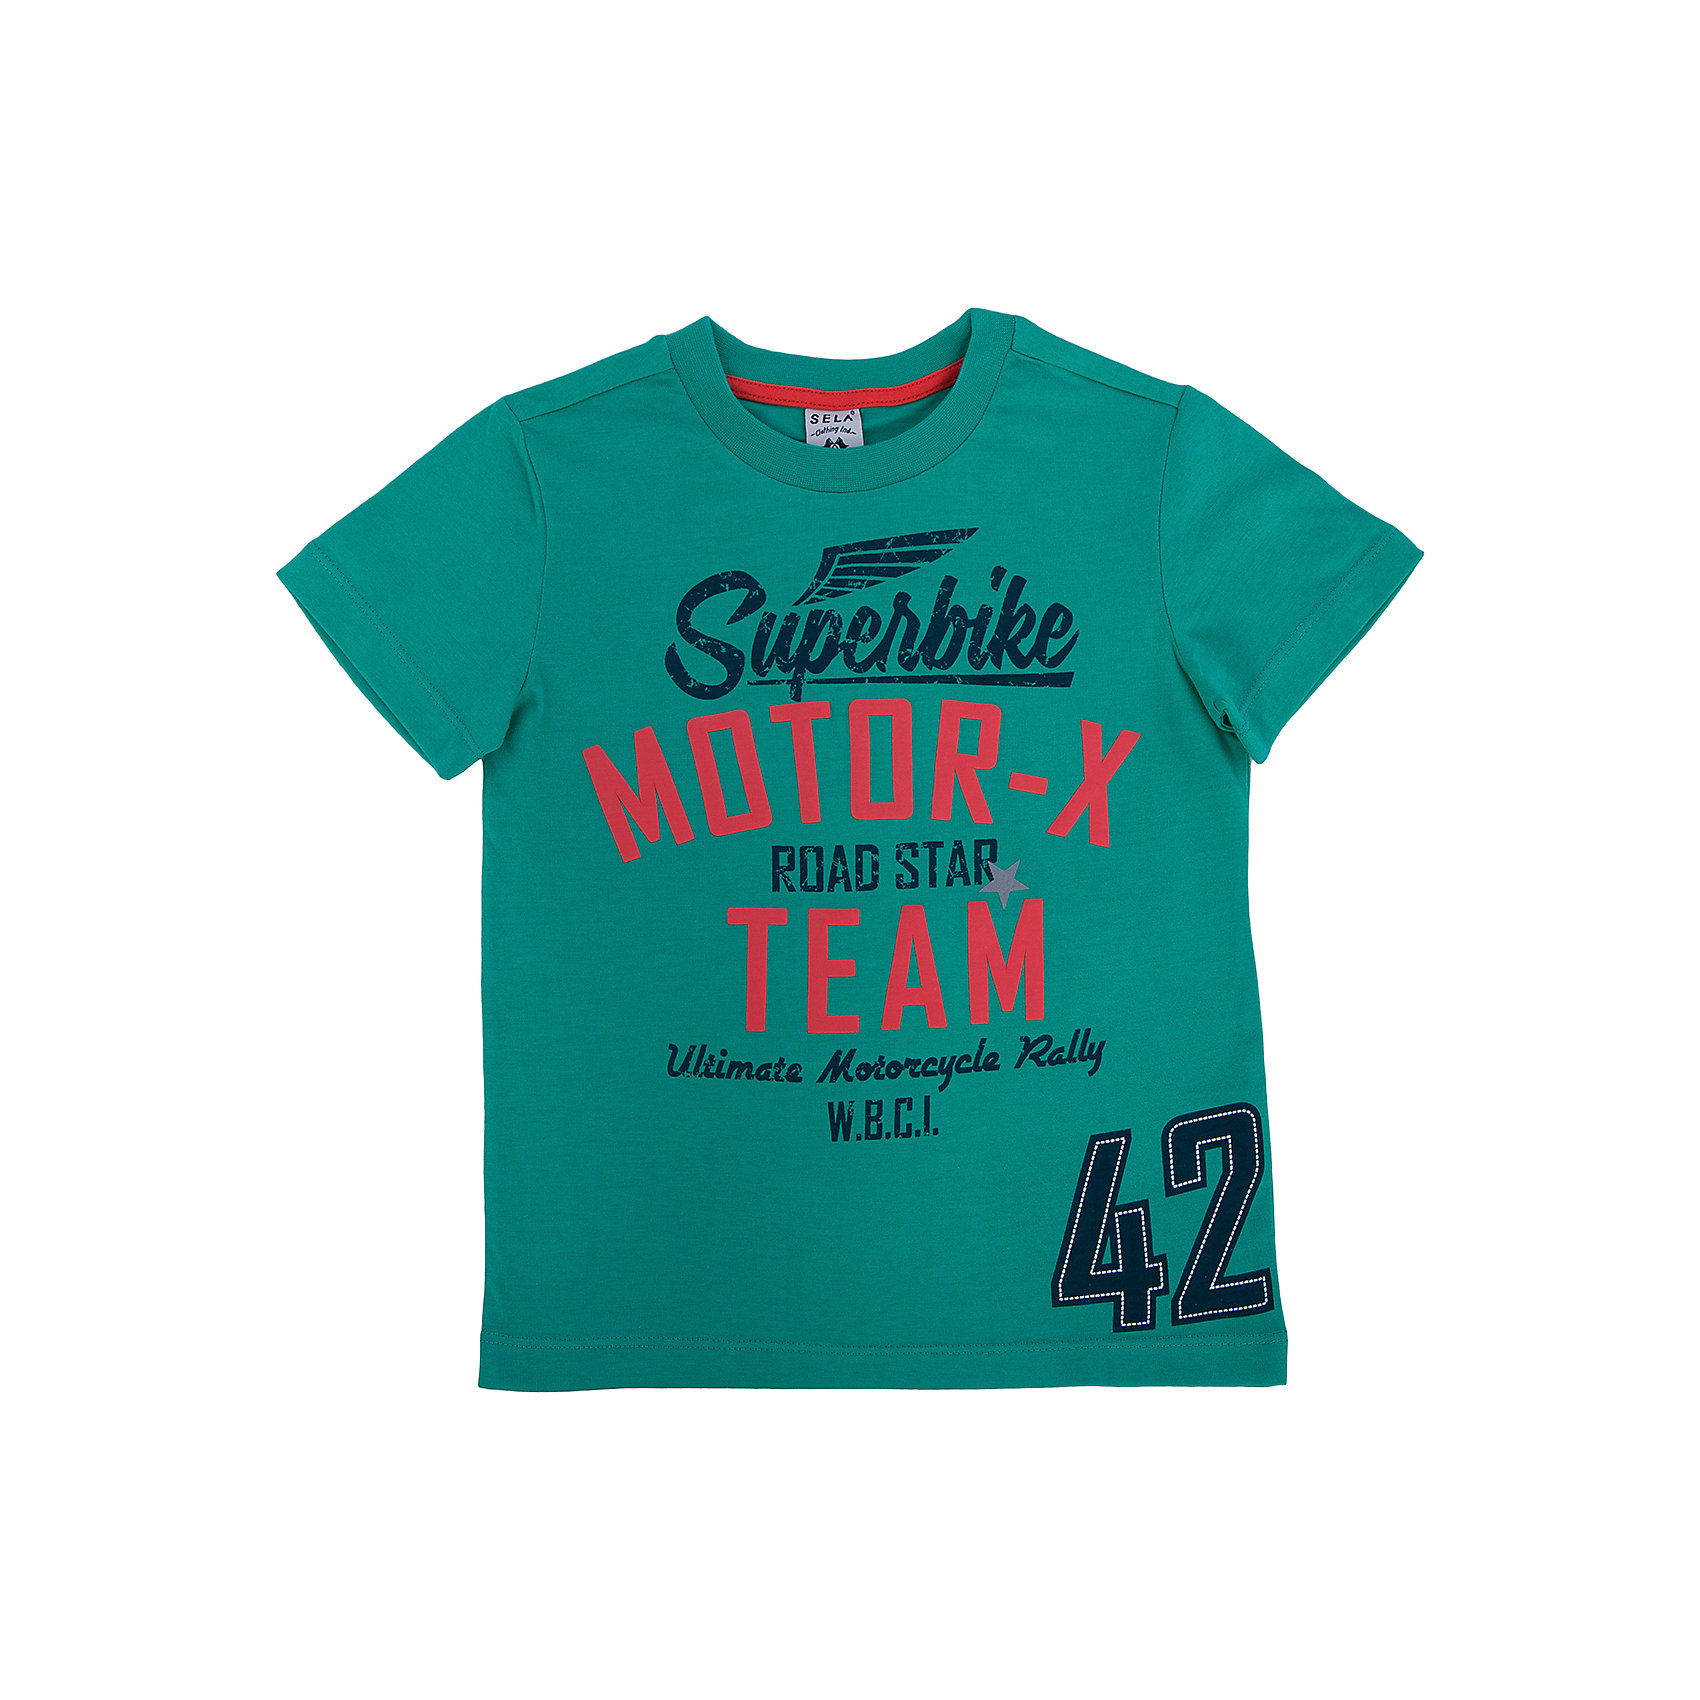 Футболка для мальчика SELAЗамечательная футболка для мальчика от популярного бренда SELA. Изделие выполнено из натурального гипоаллергенного материала, дышащего, мягкого и очень приятного к телу, и обладает следующими особенностями:<br>- насыщенный цвет, яркие принтованные надписи на груди;<br>- круглая горловина; <br>- комфортный крой.<br>Прекрасный выбор для ярких дней!<br><br>Дополнительная информация:<br>- состав: 100% хлопок<br>- цвет: зеленый<br><br>Футболку для мальчика SELA можно купить в нашем магазине<br><br>Ширина мм: 230<br>Глубина мм: 40<br>Высота мм: 220<br>Вес г: 250<br>Цвет: зеленый<br>Возраст от месяцев: 36<br>Возраст до месяцев: 48<br>Пол: Мужской<br>Возраст: Детский<br>Размер: 104,92,116,110,98<br>SKU: 4741213